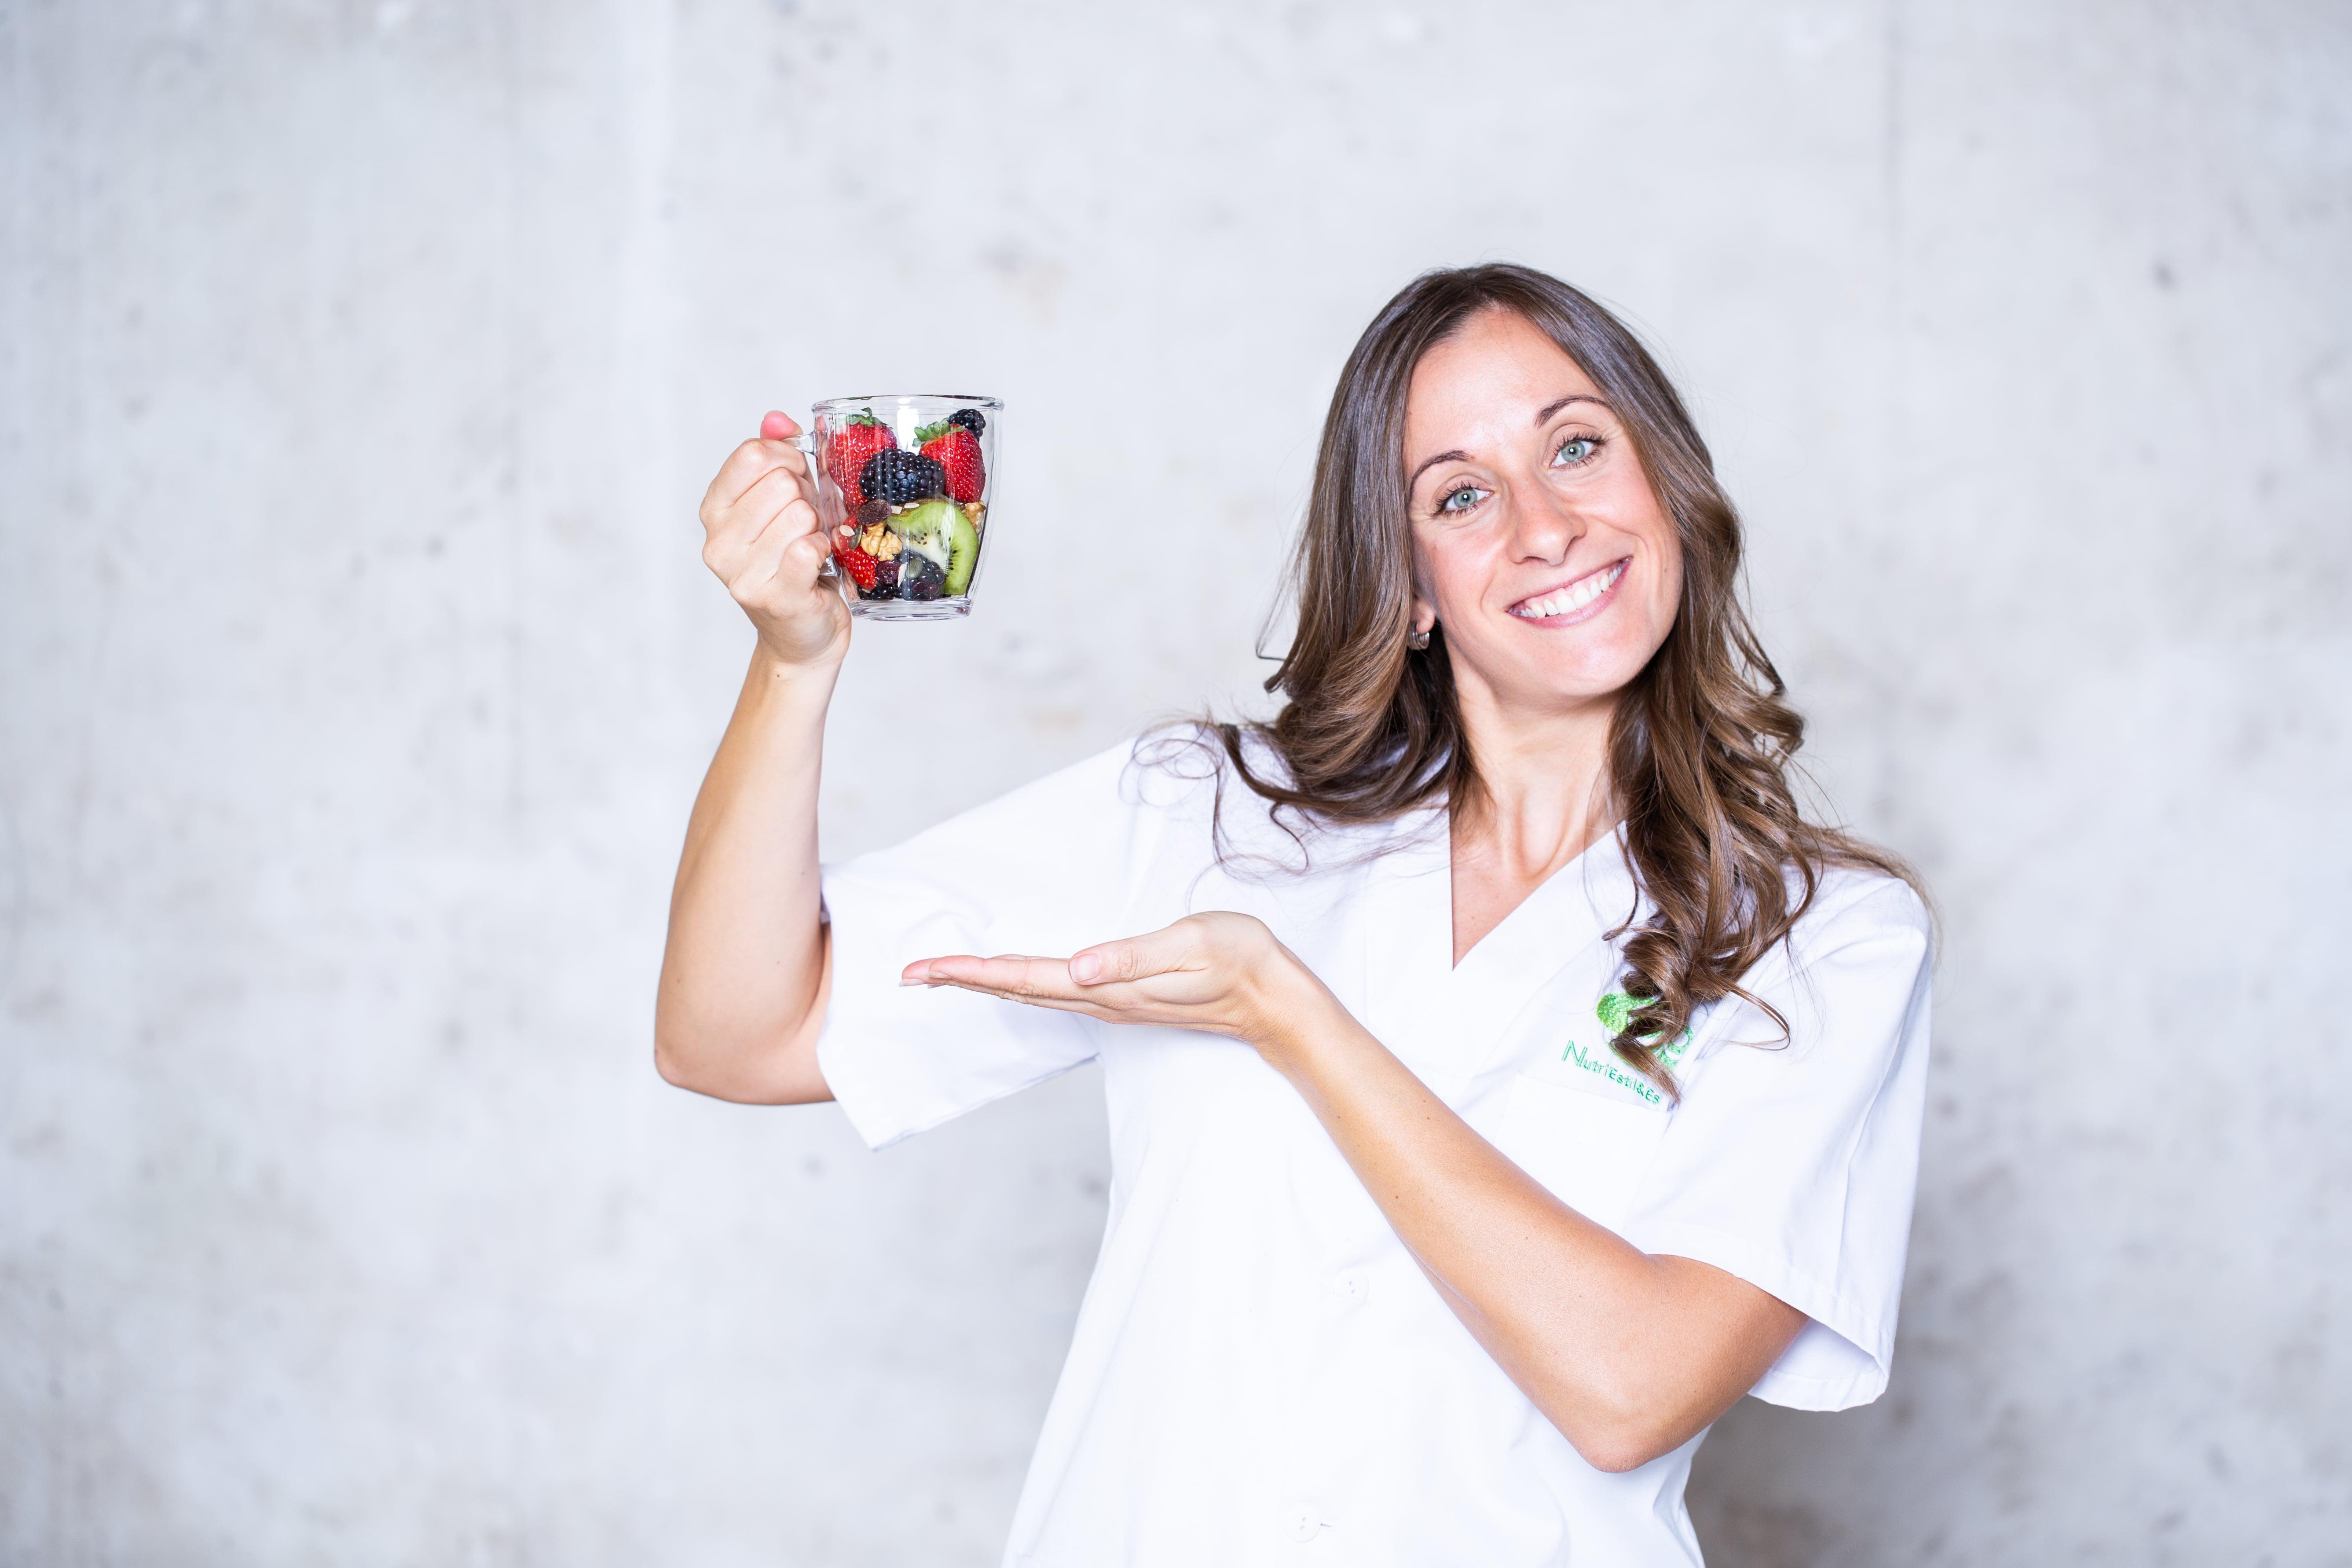 Haz de tu nutrición tu mejor medicina - Sonia González, dietista - nutricionista en Tarragona y Reus.